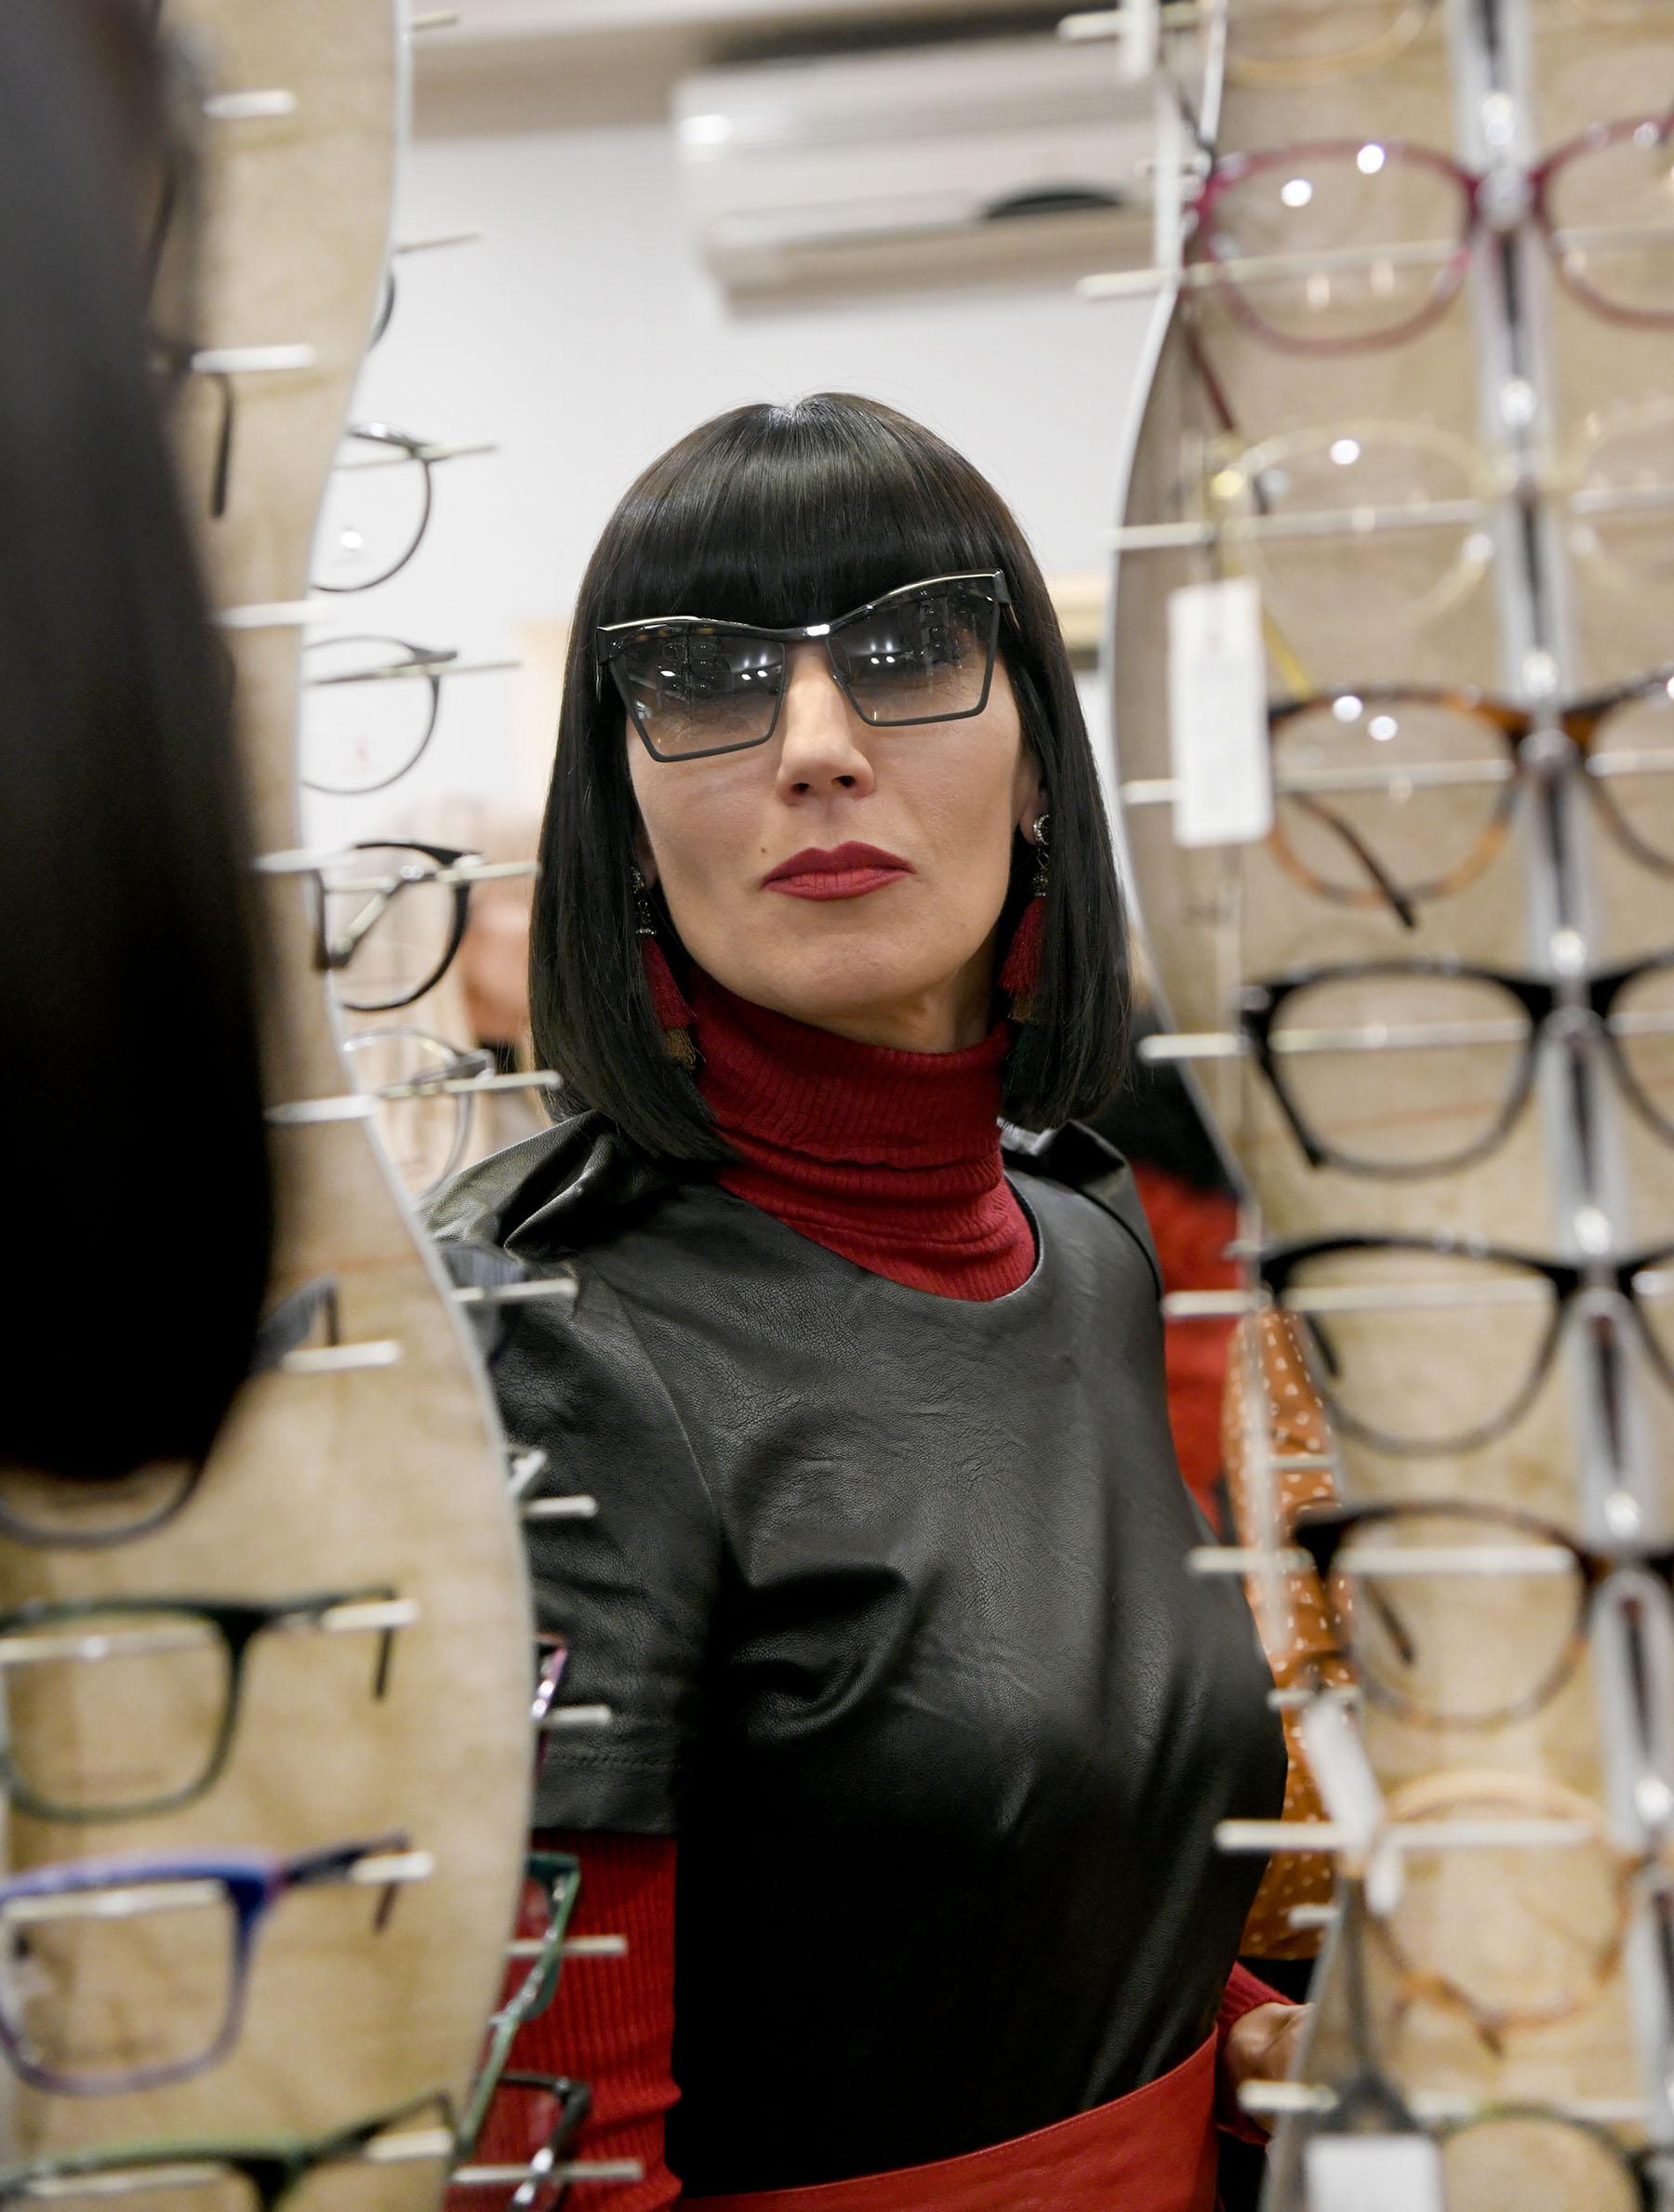 Nova definicija stila: U Optiku Vid stigao luksuzni brend Borbonese